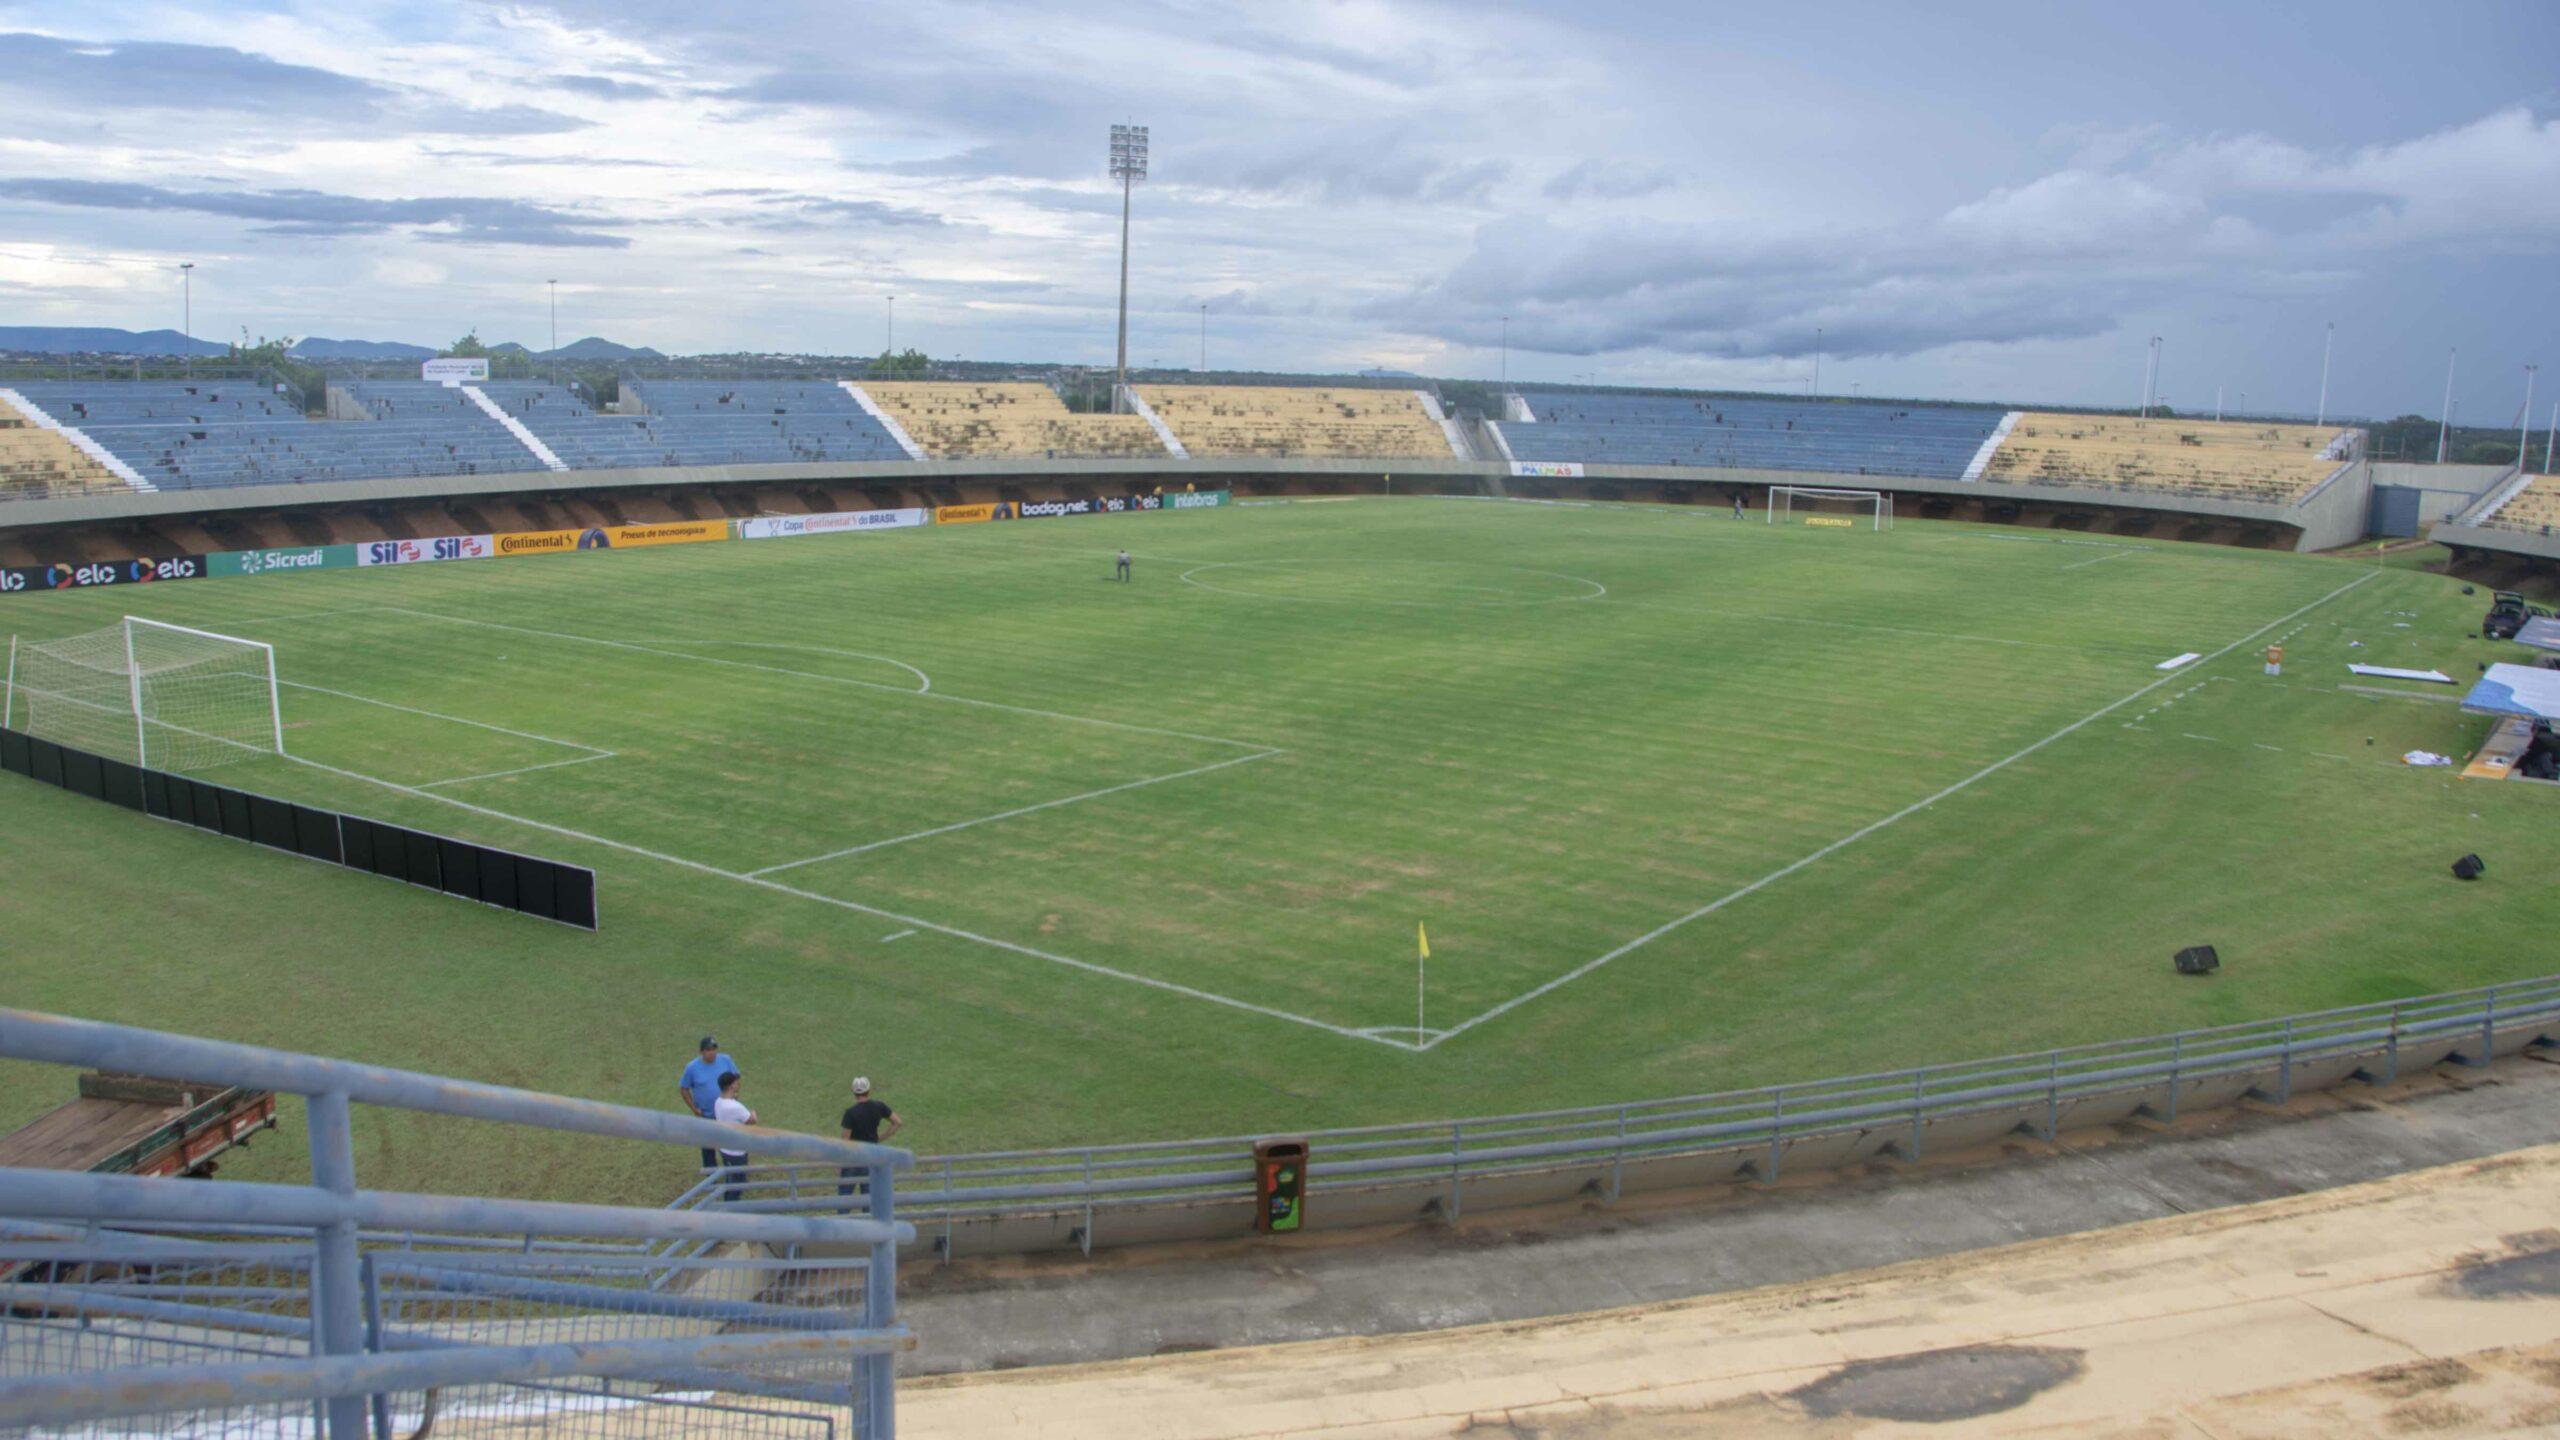 Palmas libera jogos do Brasileiro Série D no Nilton Santos, mas sem a presença de público